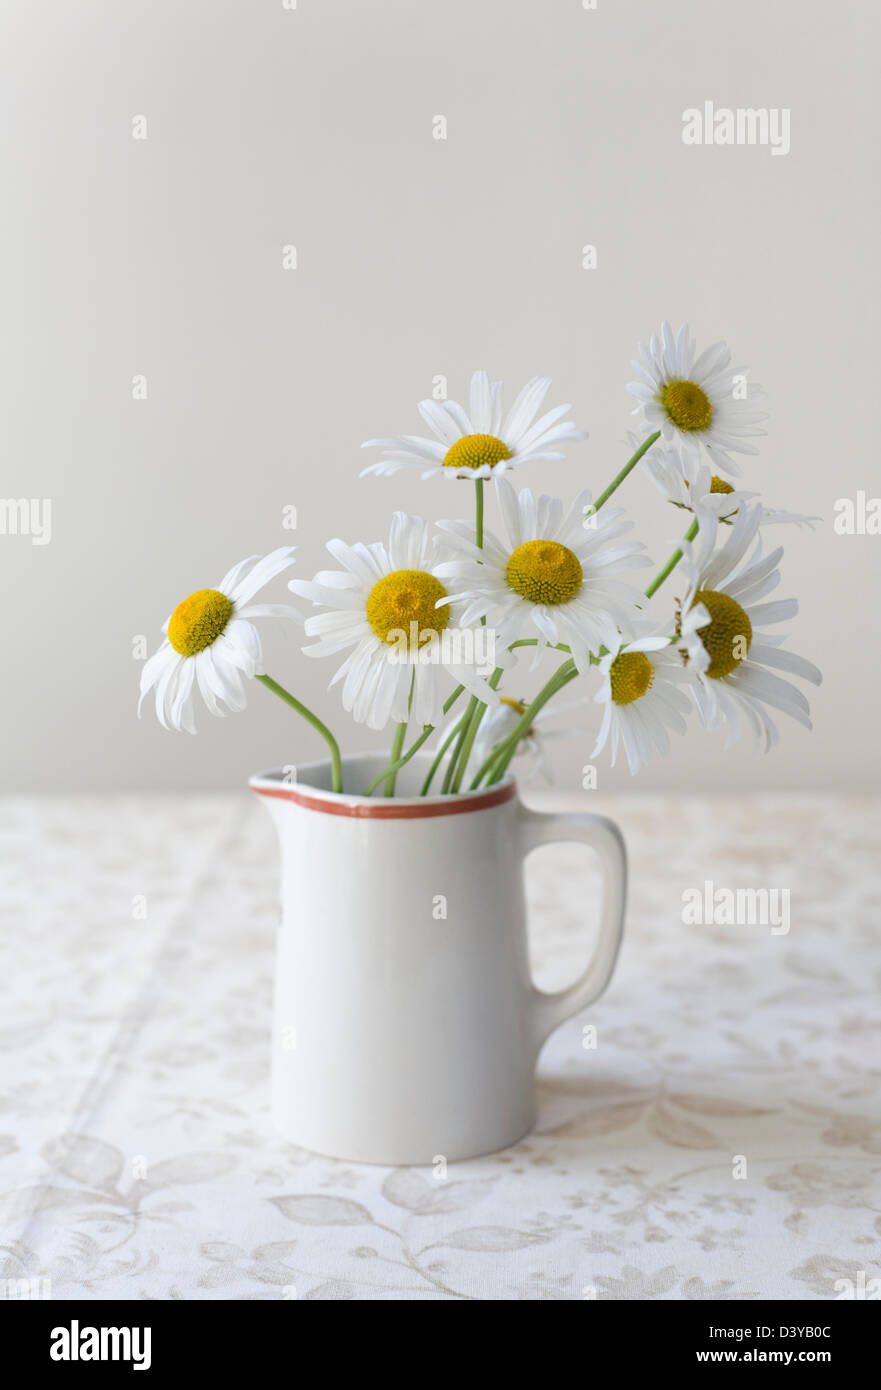 Les marguerites blanches avec centre jaune dans un petit pot sur une nappe à motifs légèrement Photo Stock